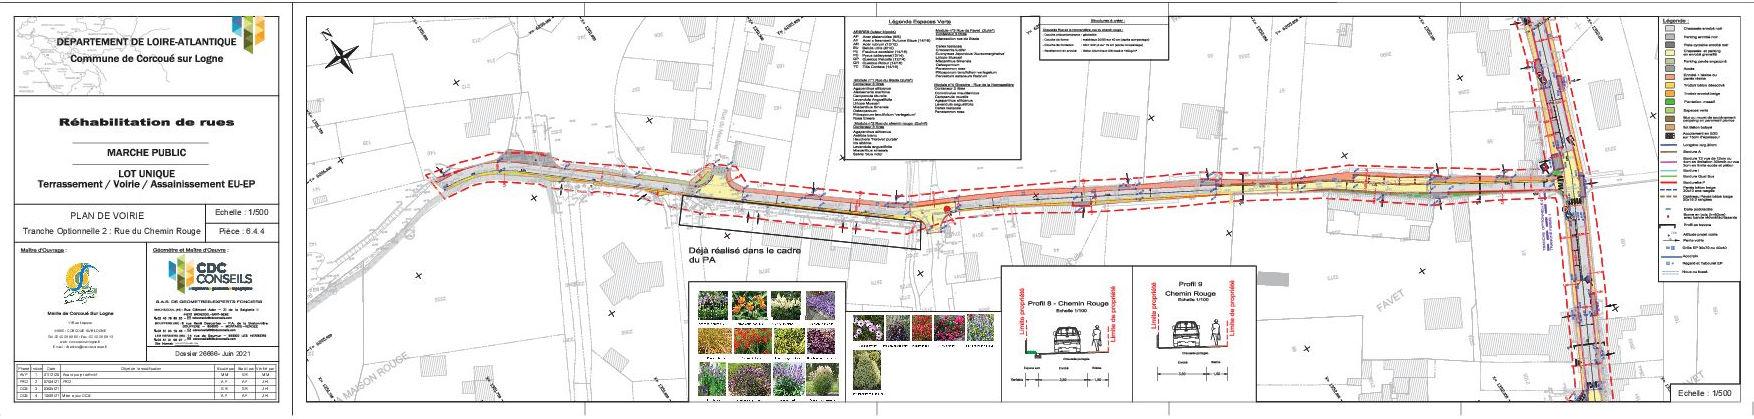 26666- Piece 6.4.4 - Plan de Voirie-TO2-Rue du Chemin Rouge.jpg